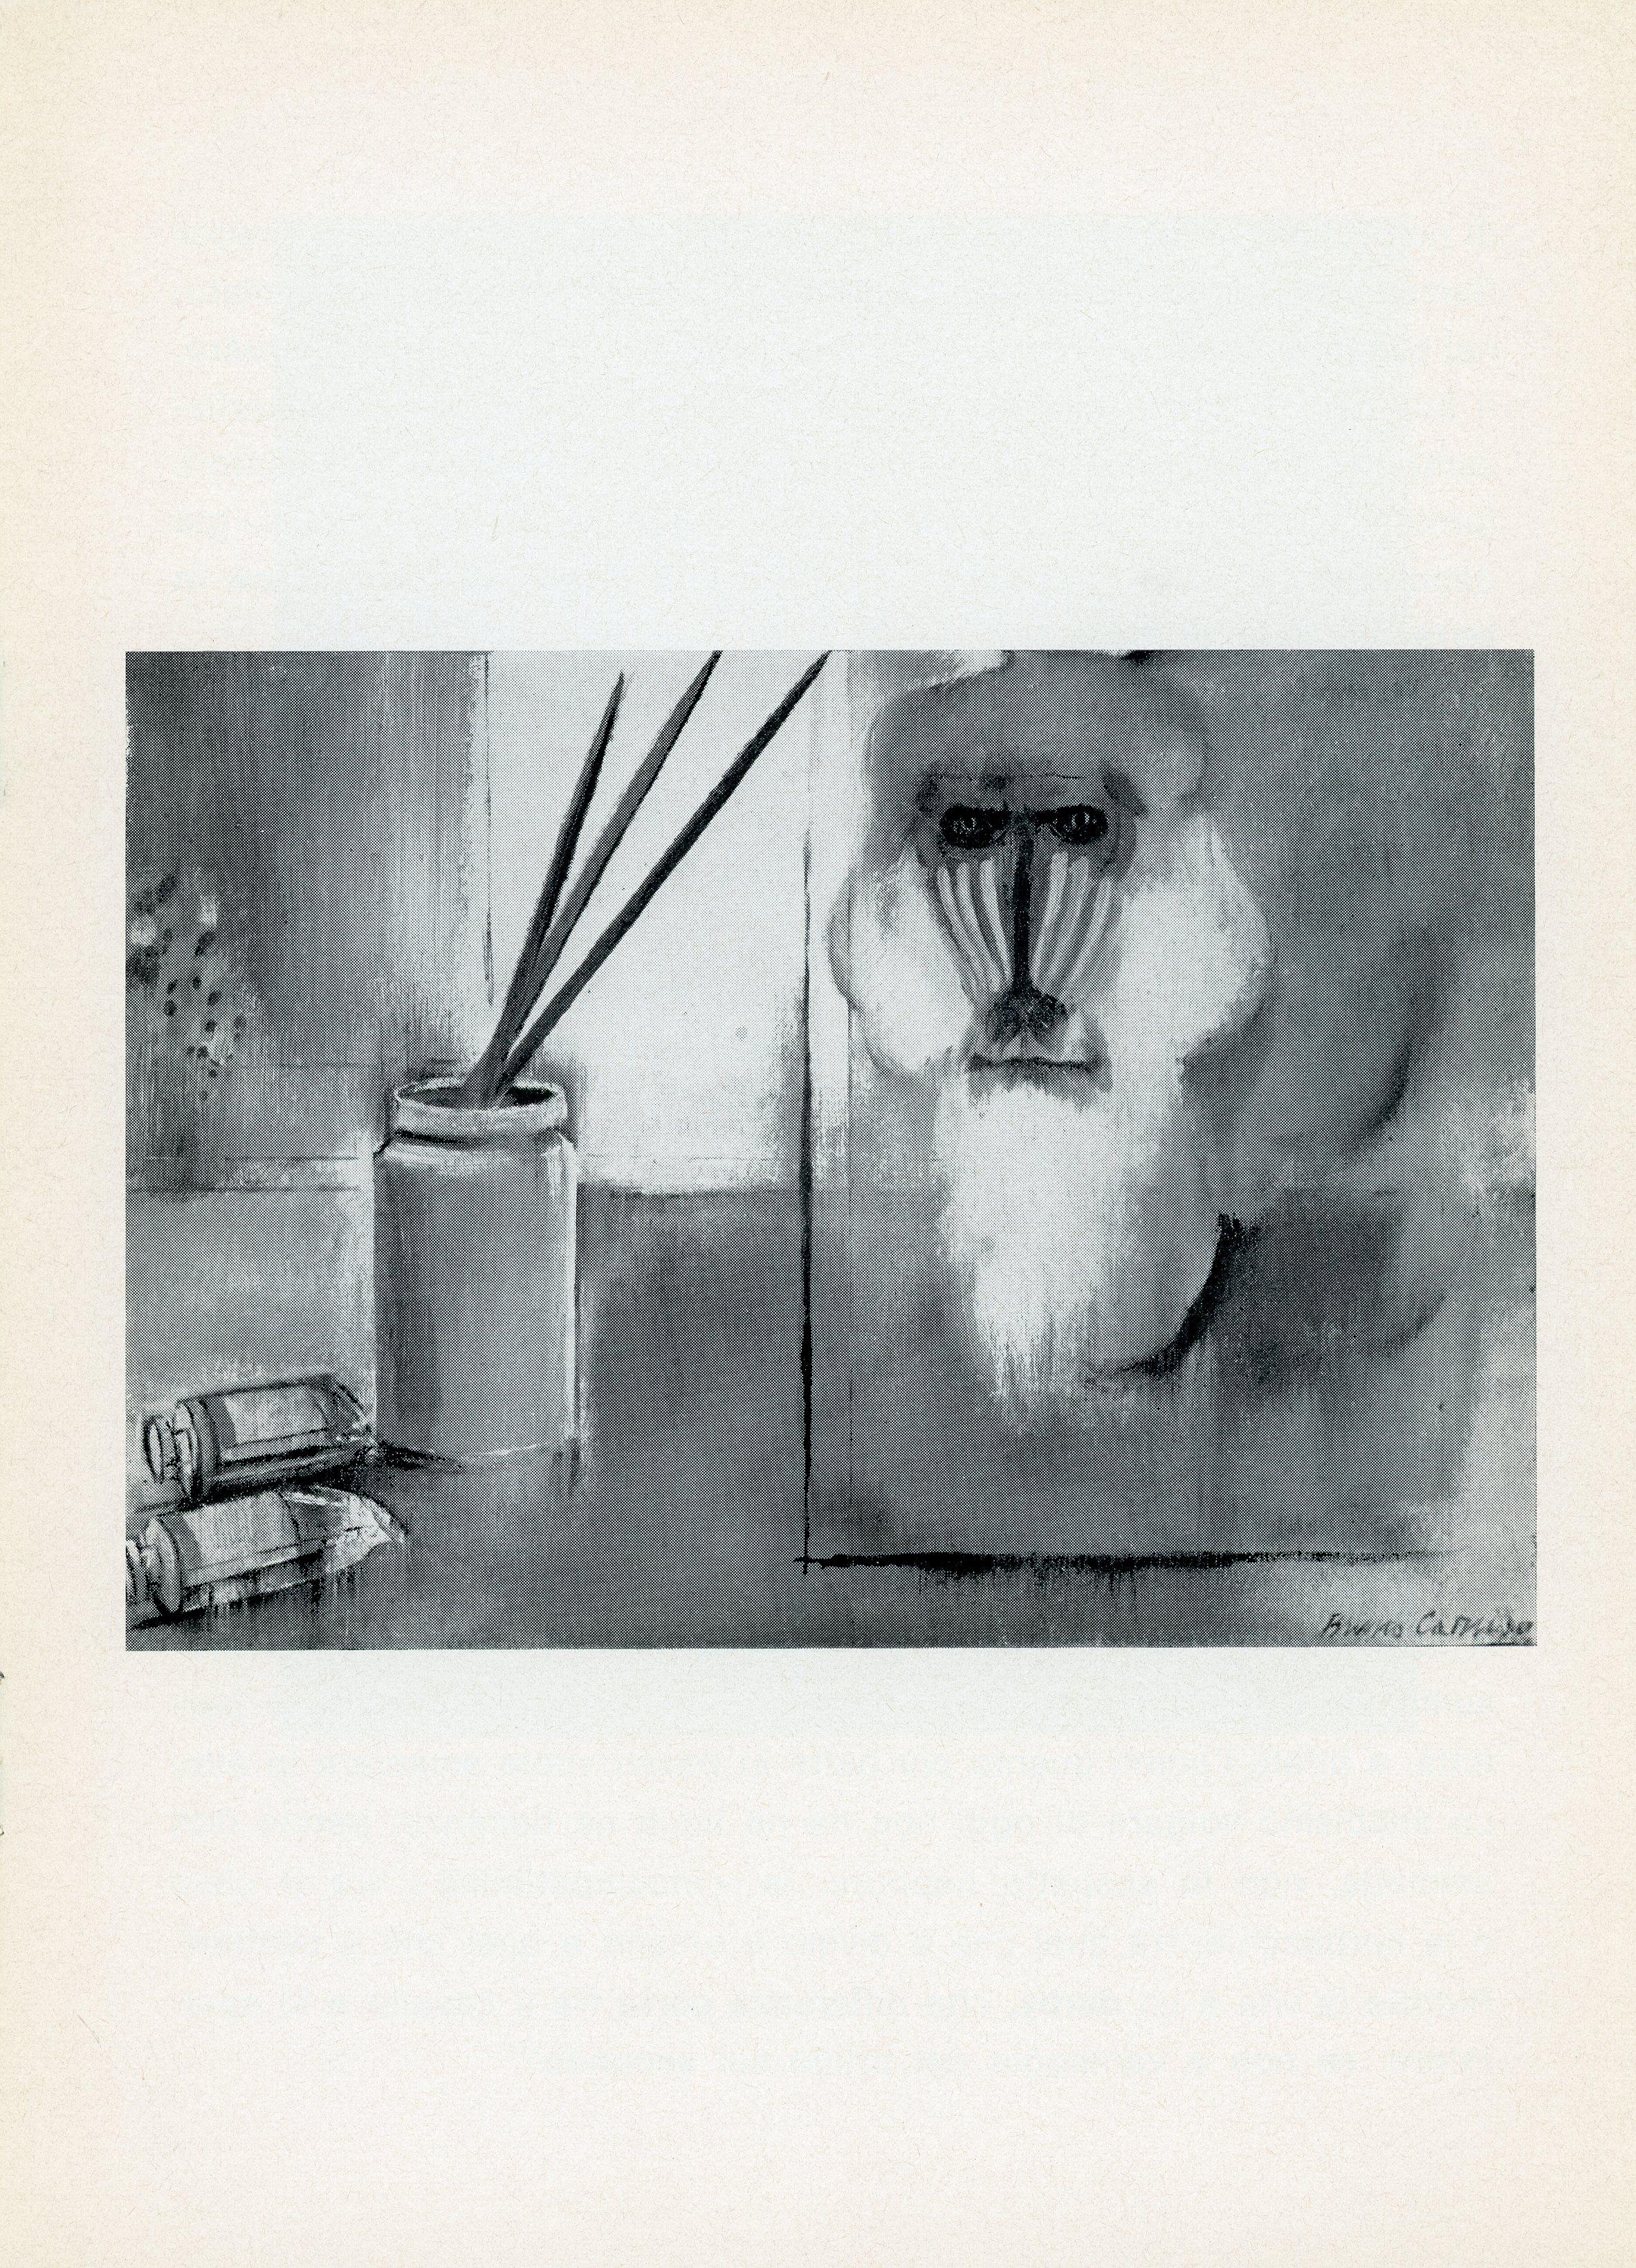 1965-01 Galleria 32 - Bruno Caruso_05.jpg